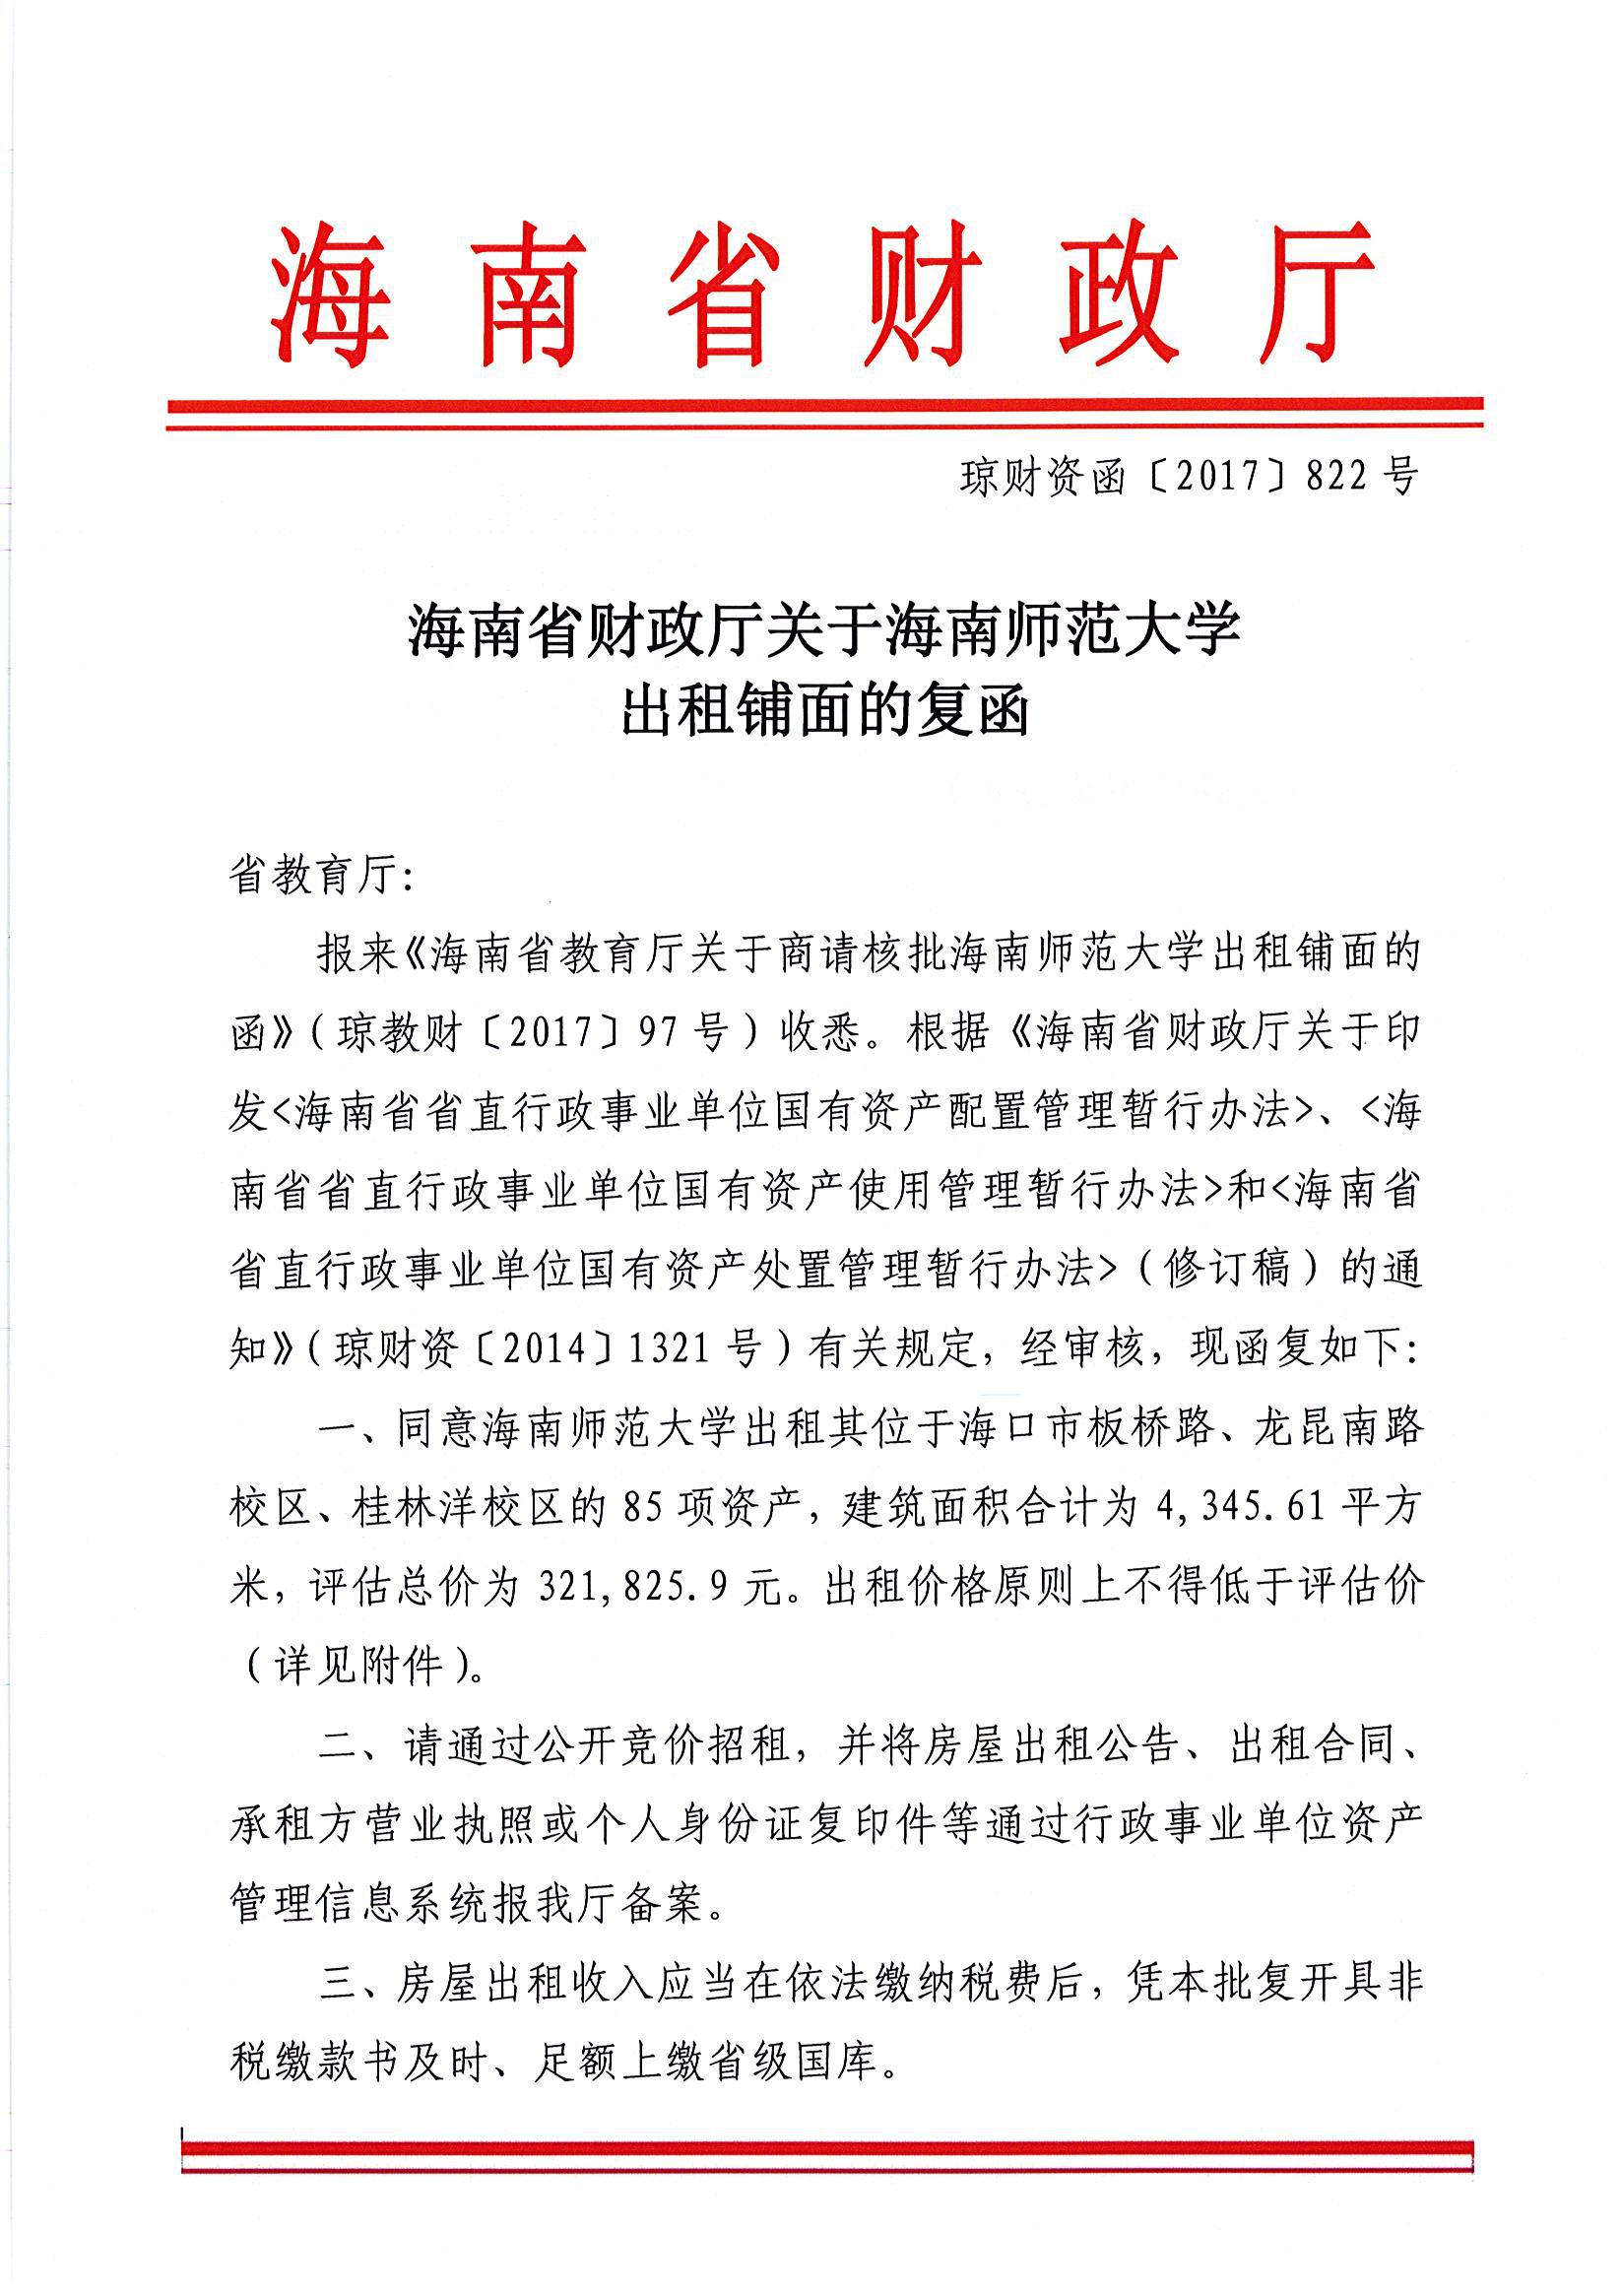 海南省财政厅关于海南师范大学出租铺面的复函